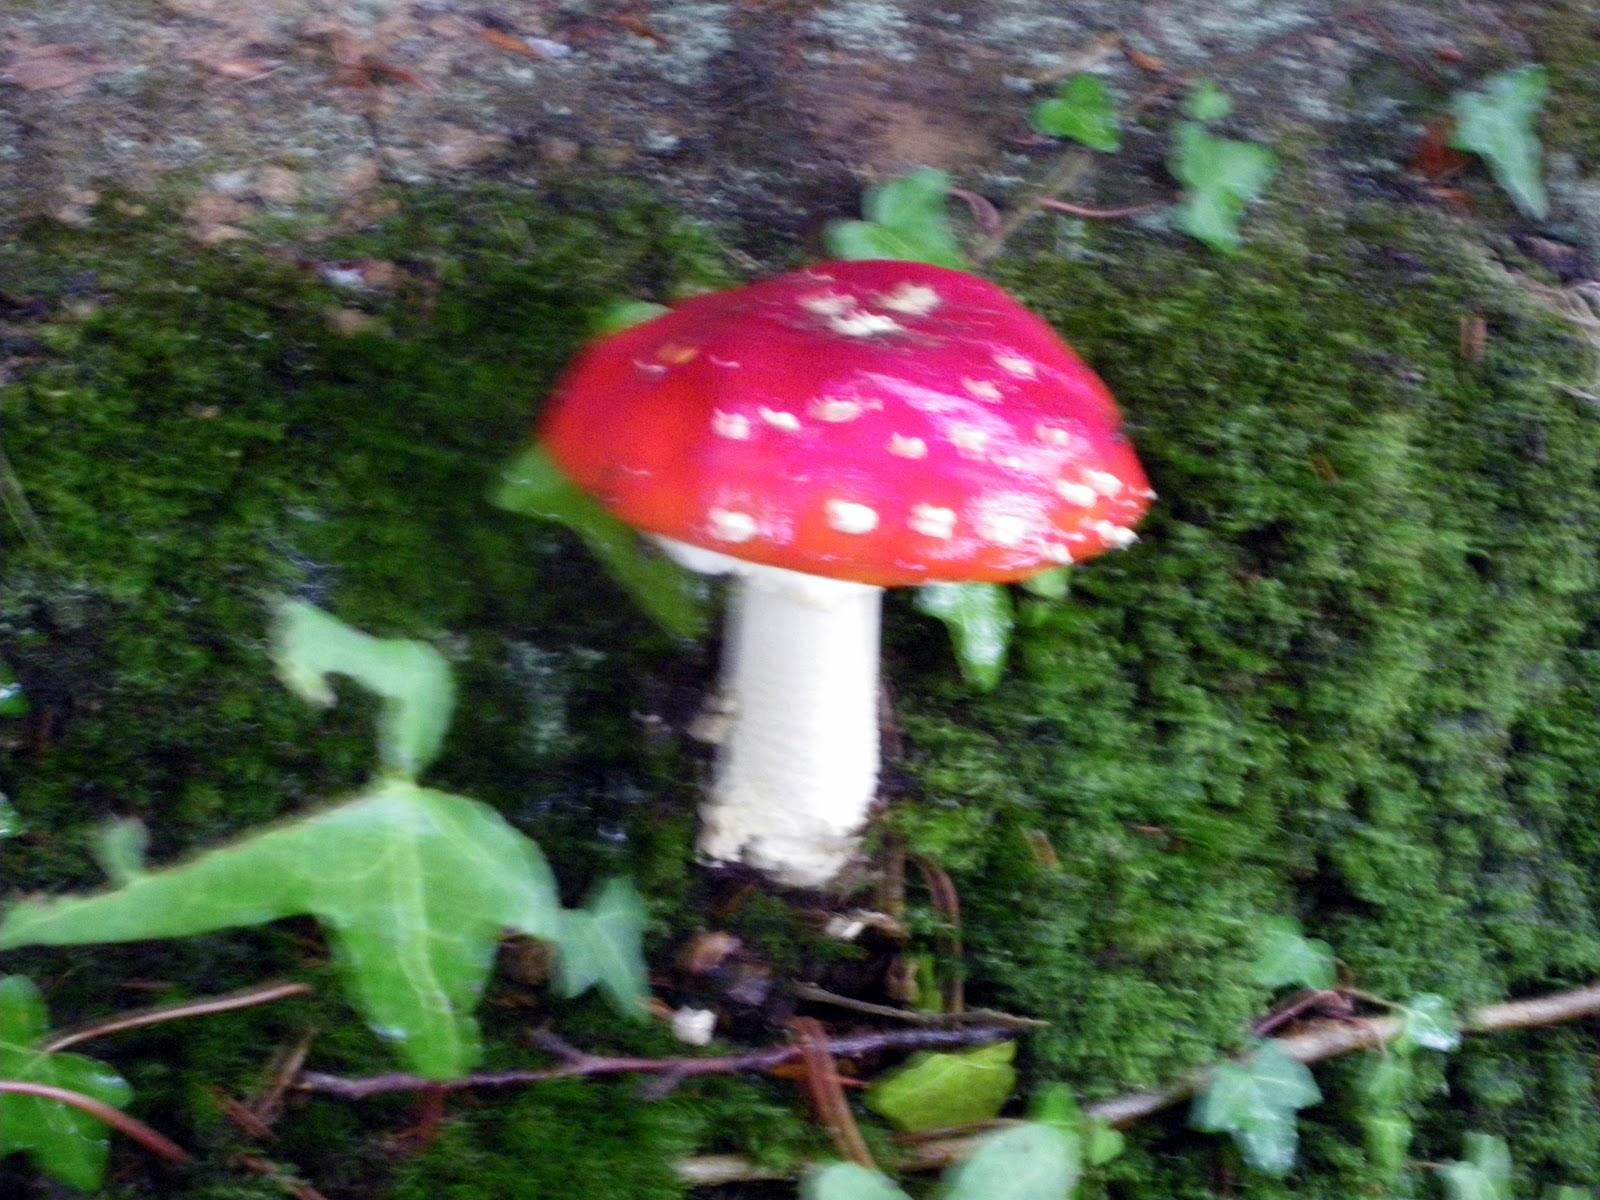 Le blog de pierre randonn e du lundi 08 octobre 2012 - Les champignons de jardin sont ils comestibles ...